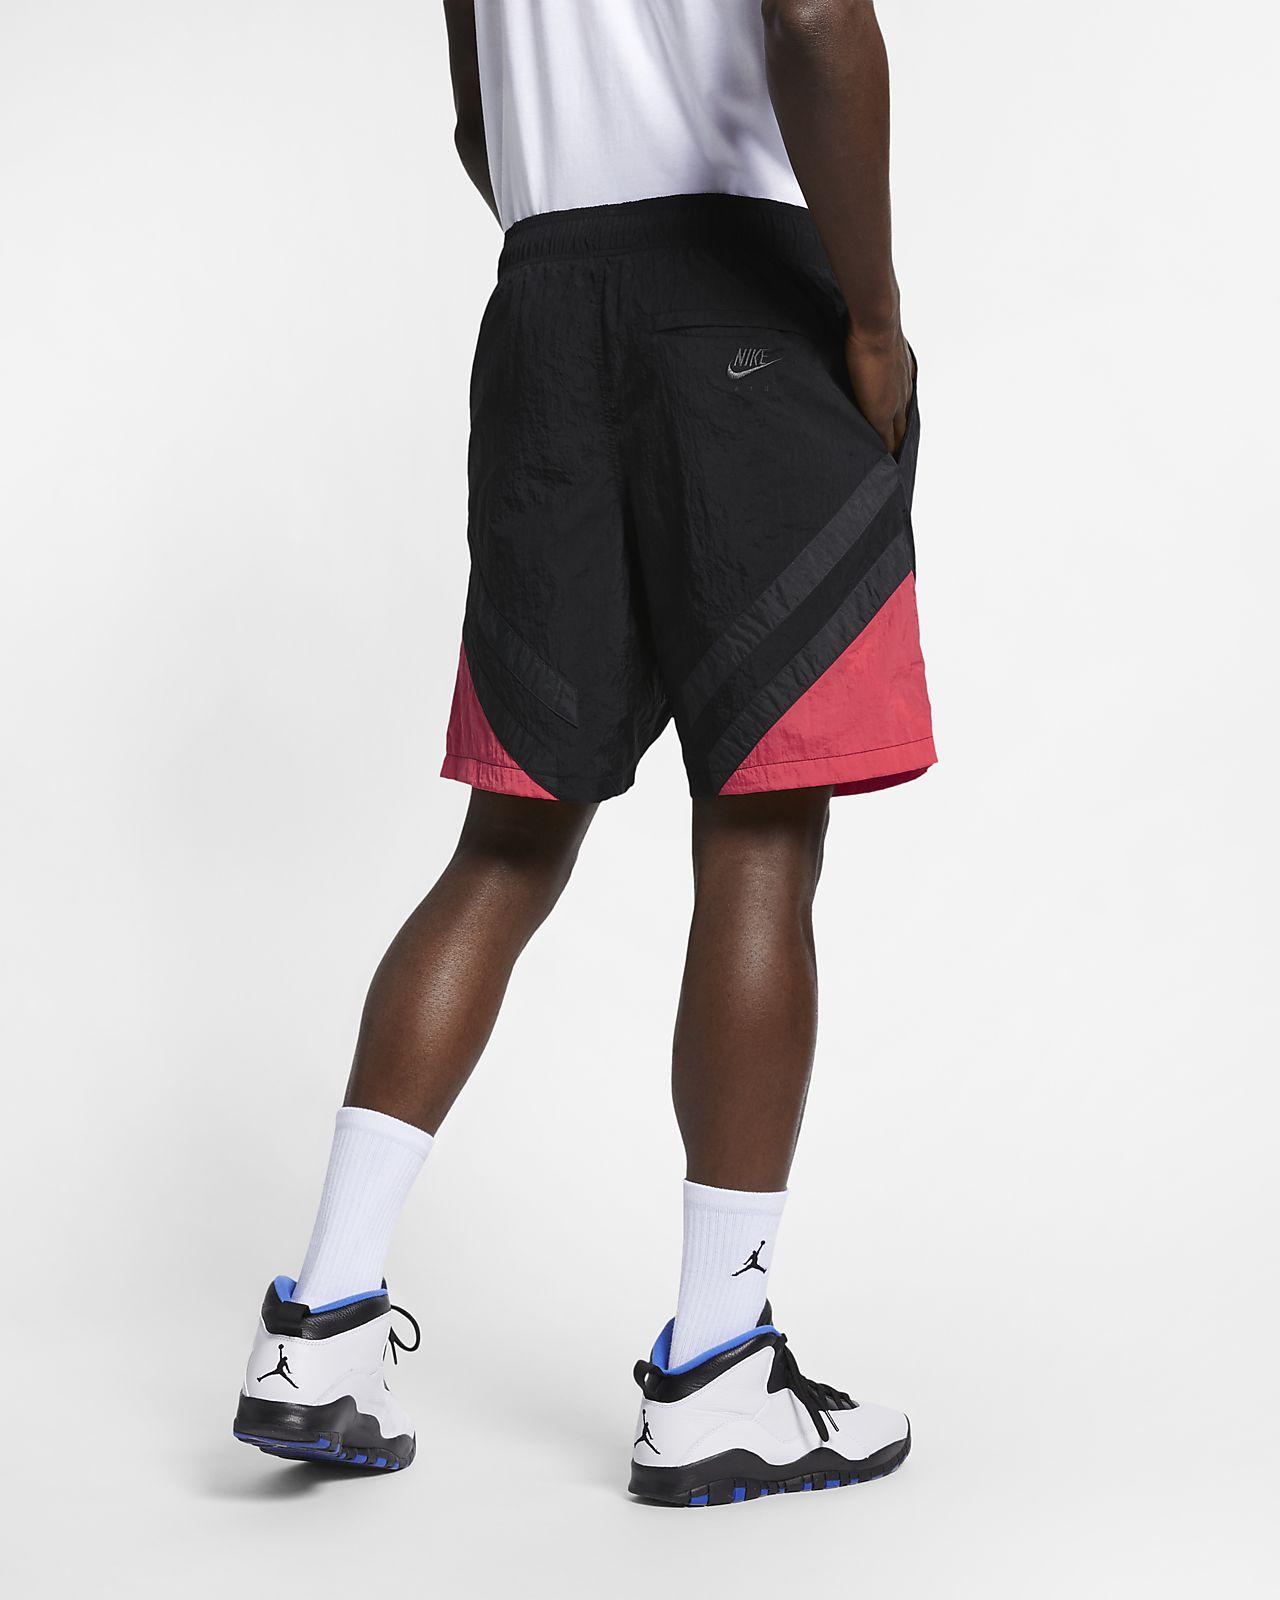 7f04262d43d56a Jordan Legacy AJ 6 Men s Nylon Shorts. Nike.com